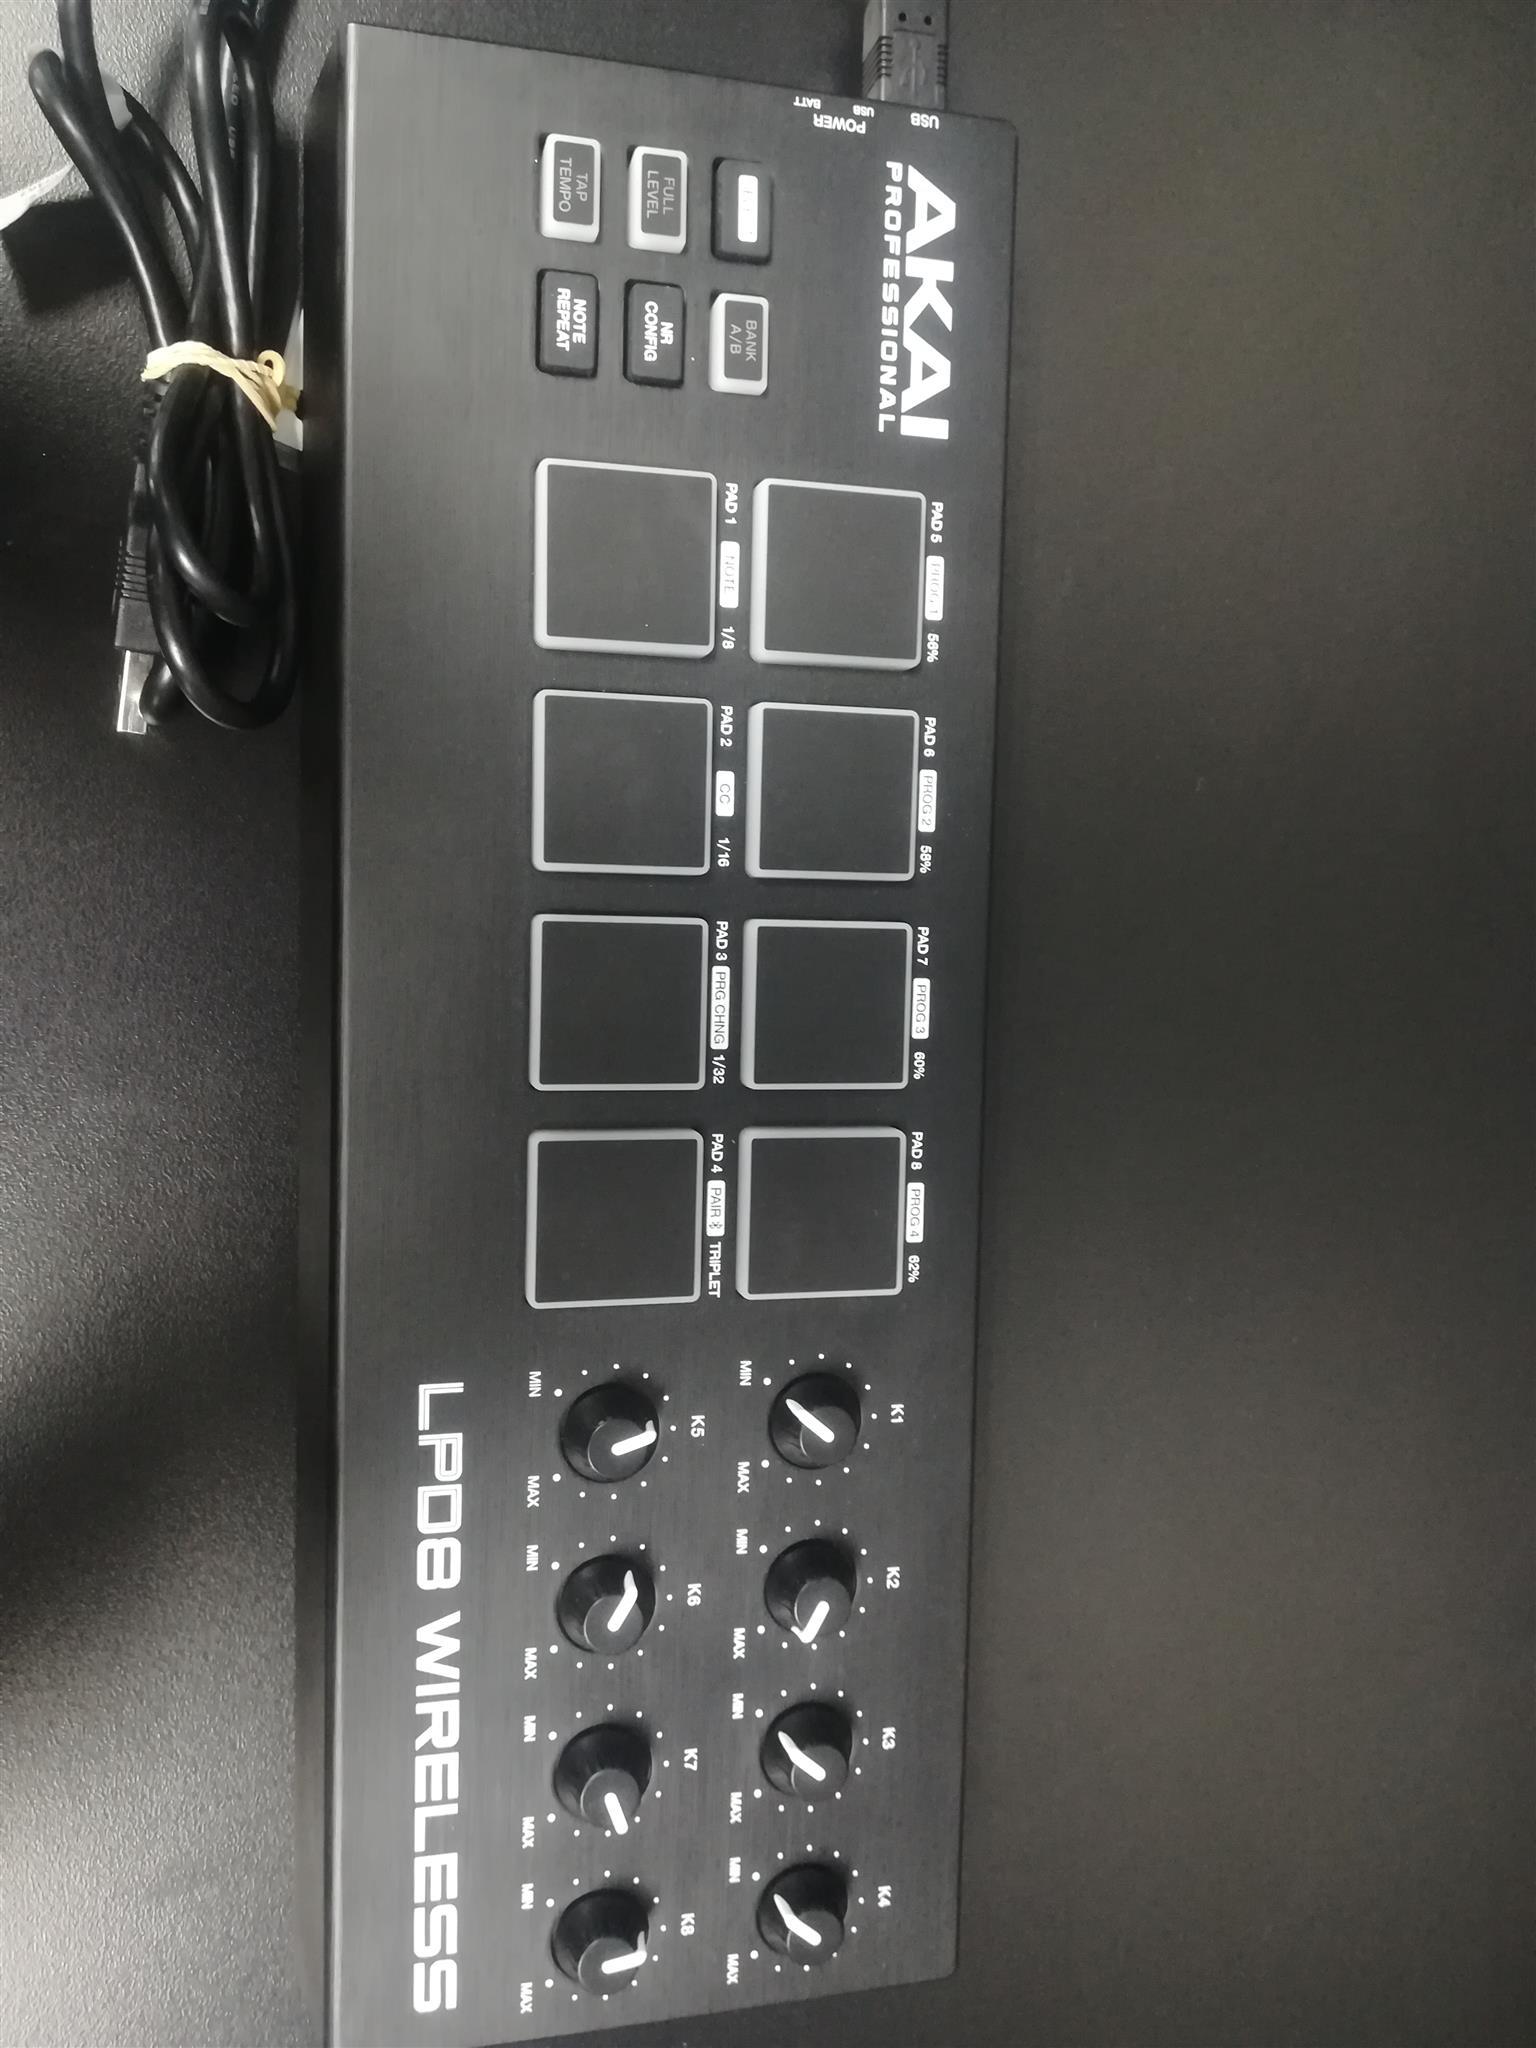 Akai Lpd8 wireless amplifier DJ equipment